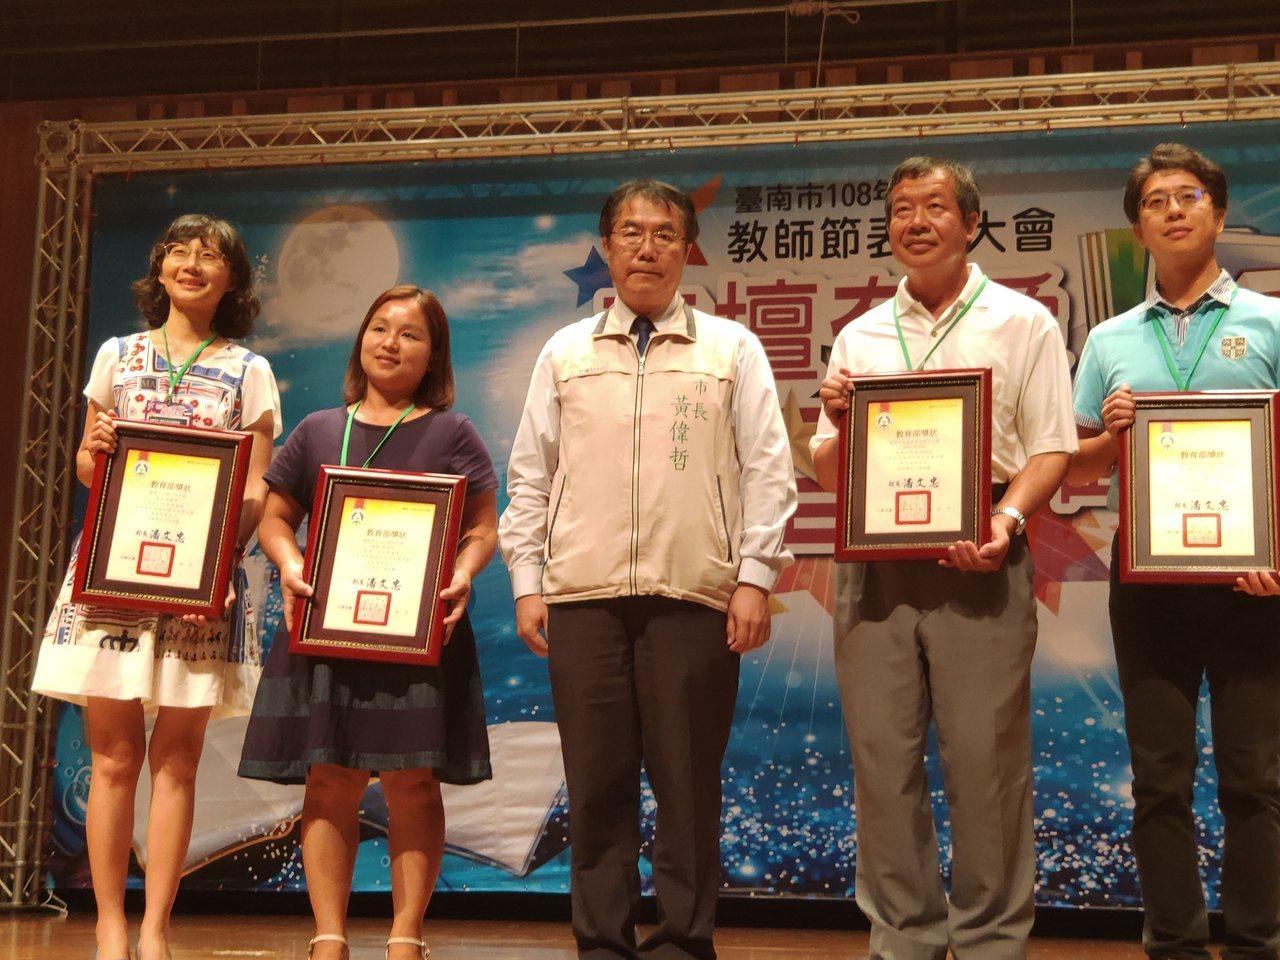 台南市政府教育局今天下午在樹谷園區音樂廳舉行全市108年教師表揚大會,頒獎表揚獲...